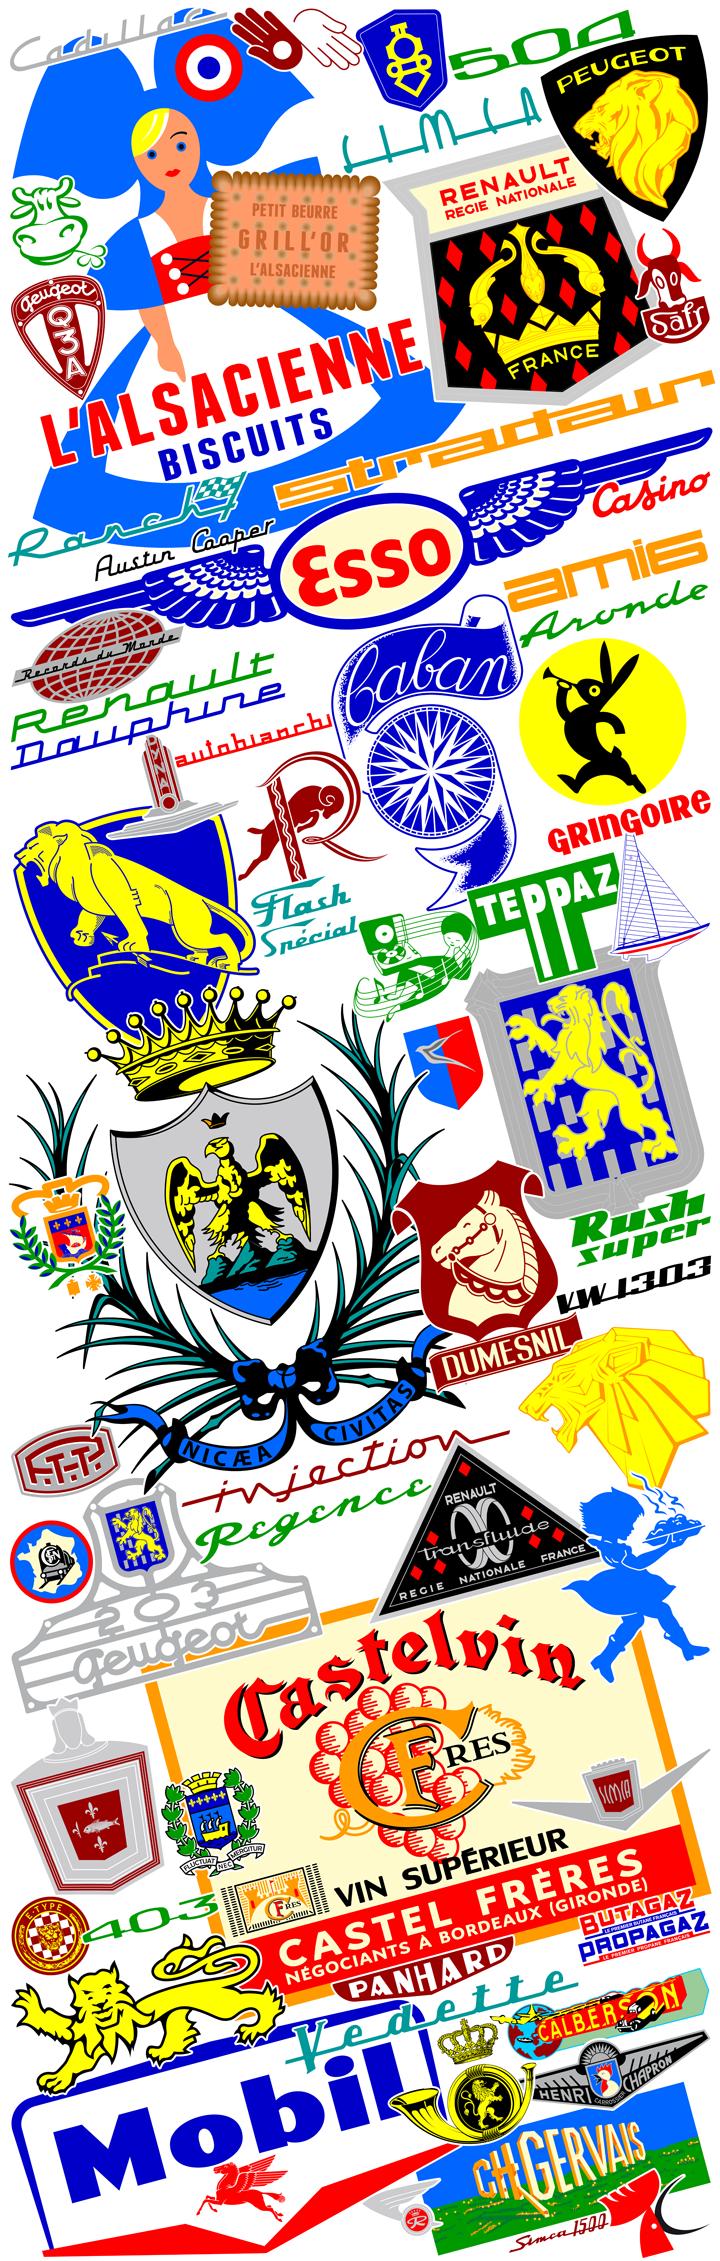 Une sélection de logos ou de visuels anciens redessinés. Cliquez pour afficher en HD